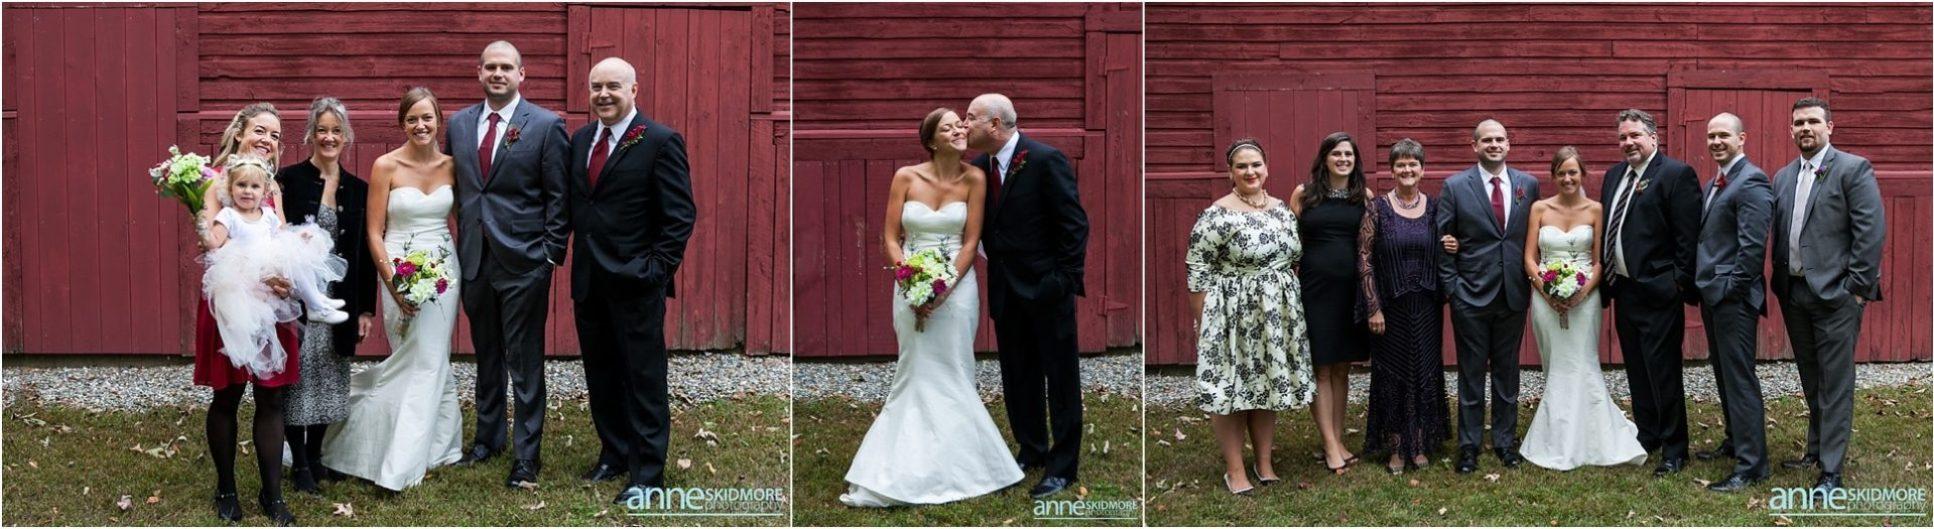 Claremont_NewHampshire_Wedding__036